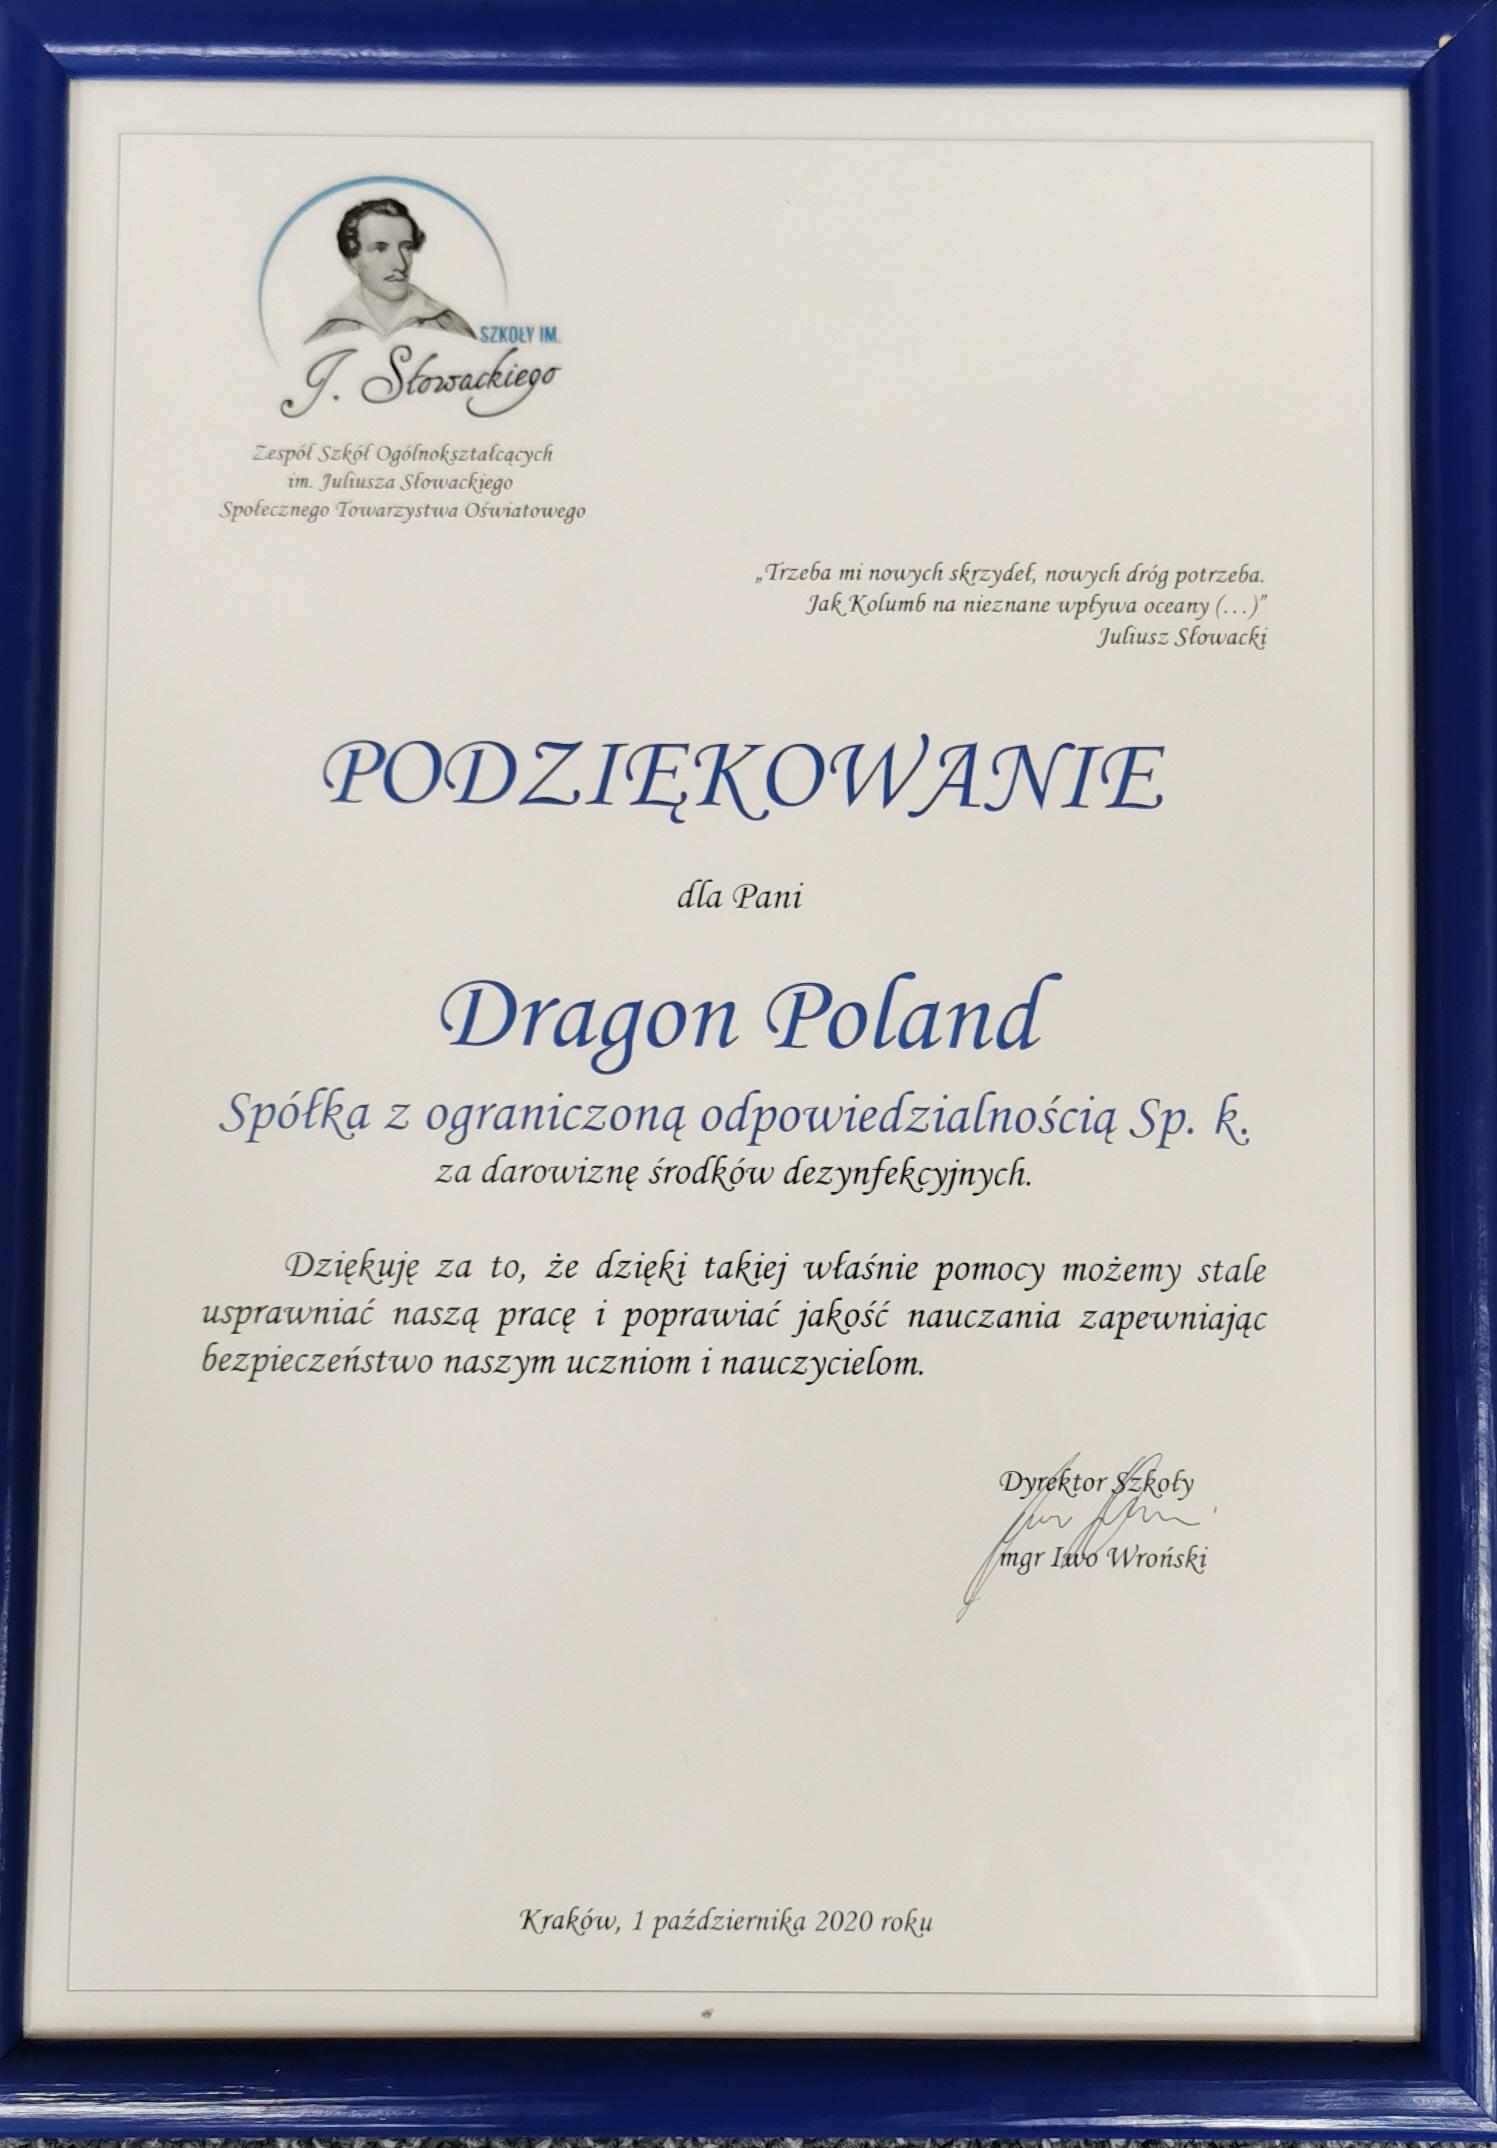 Darowizna dla szkoły im. Juliusza Słowackiego w Krakowie